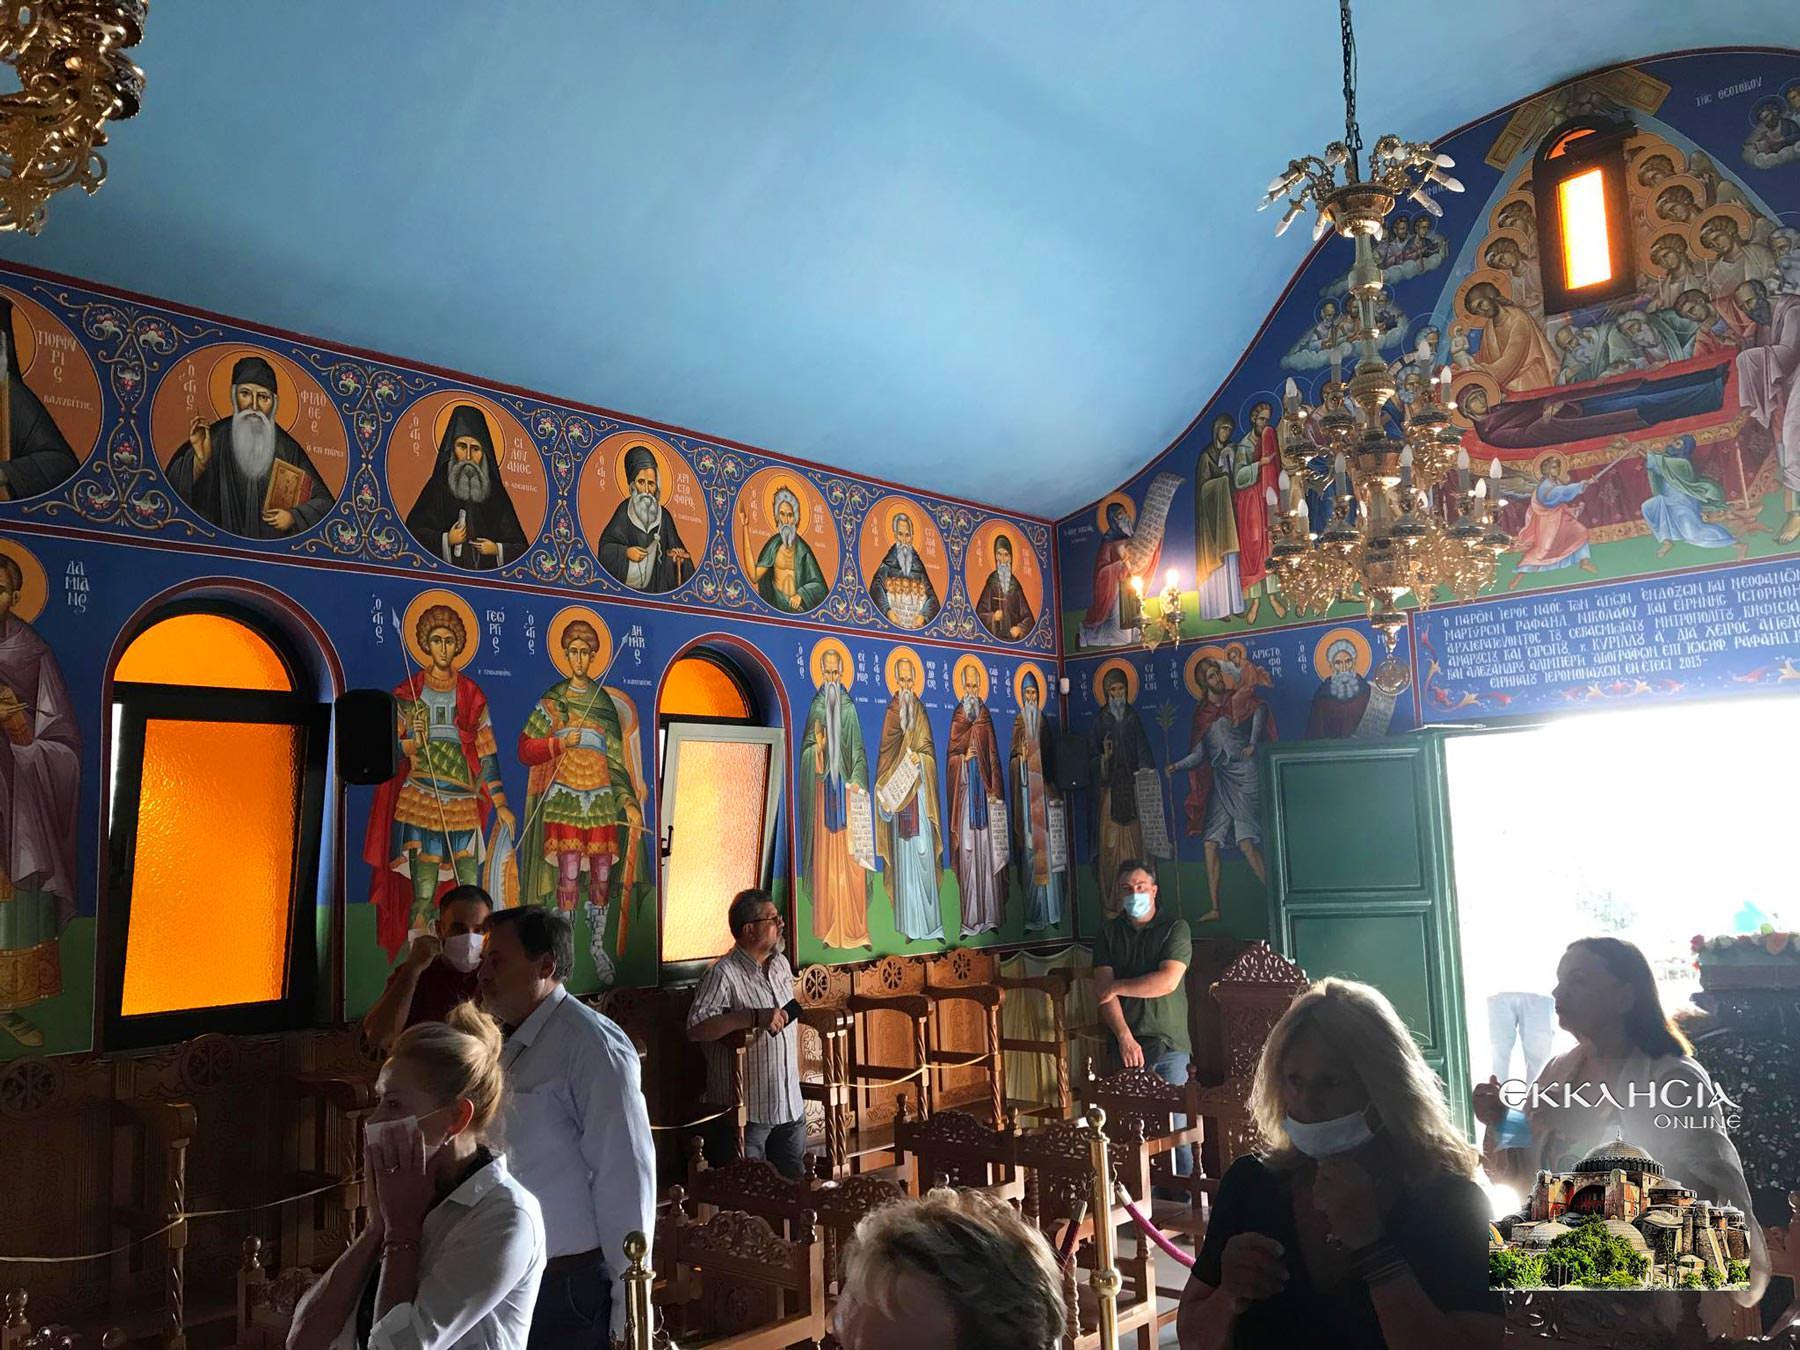 Αγίου Ραφαήλ Νικολάου Ειρήνης Μοναστήρι Άνω Σούλι 2020